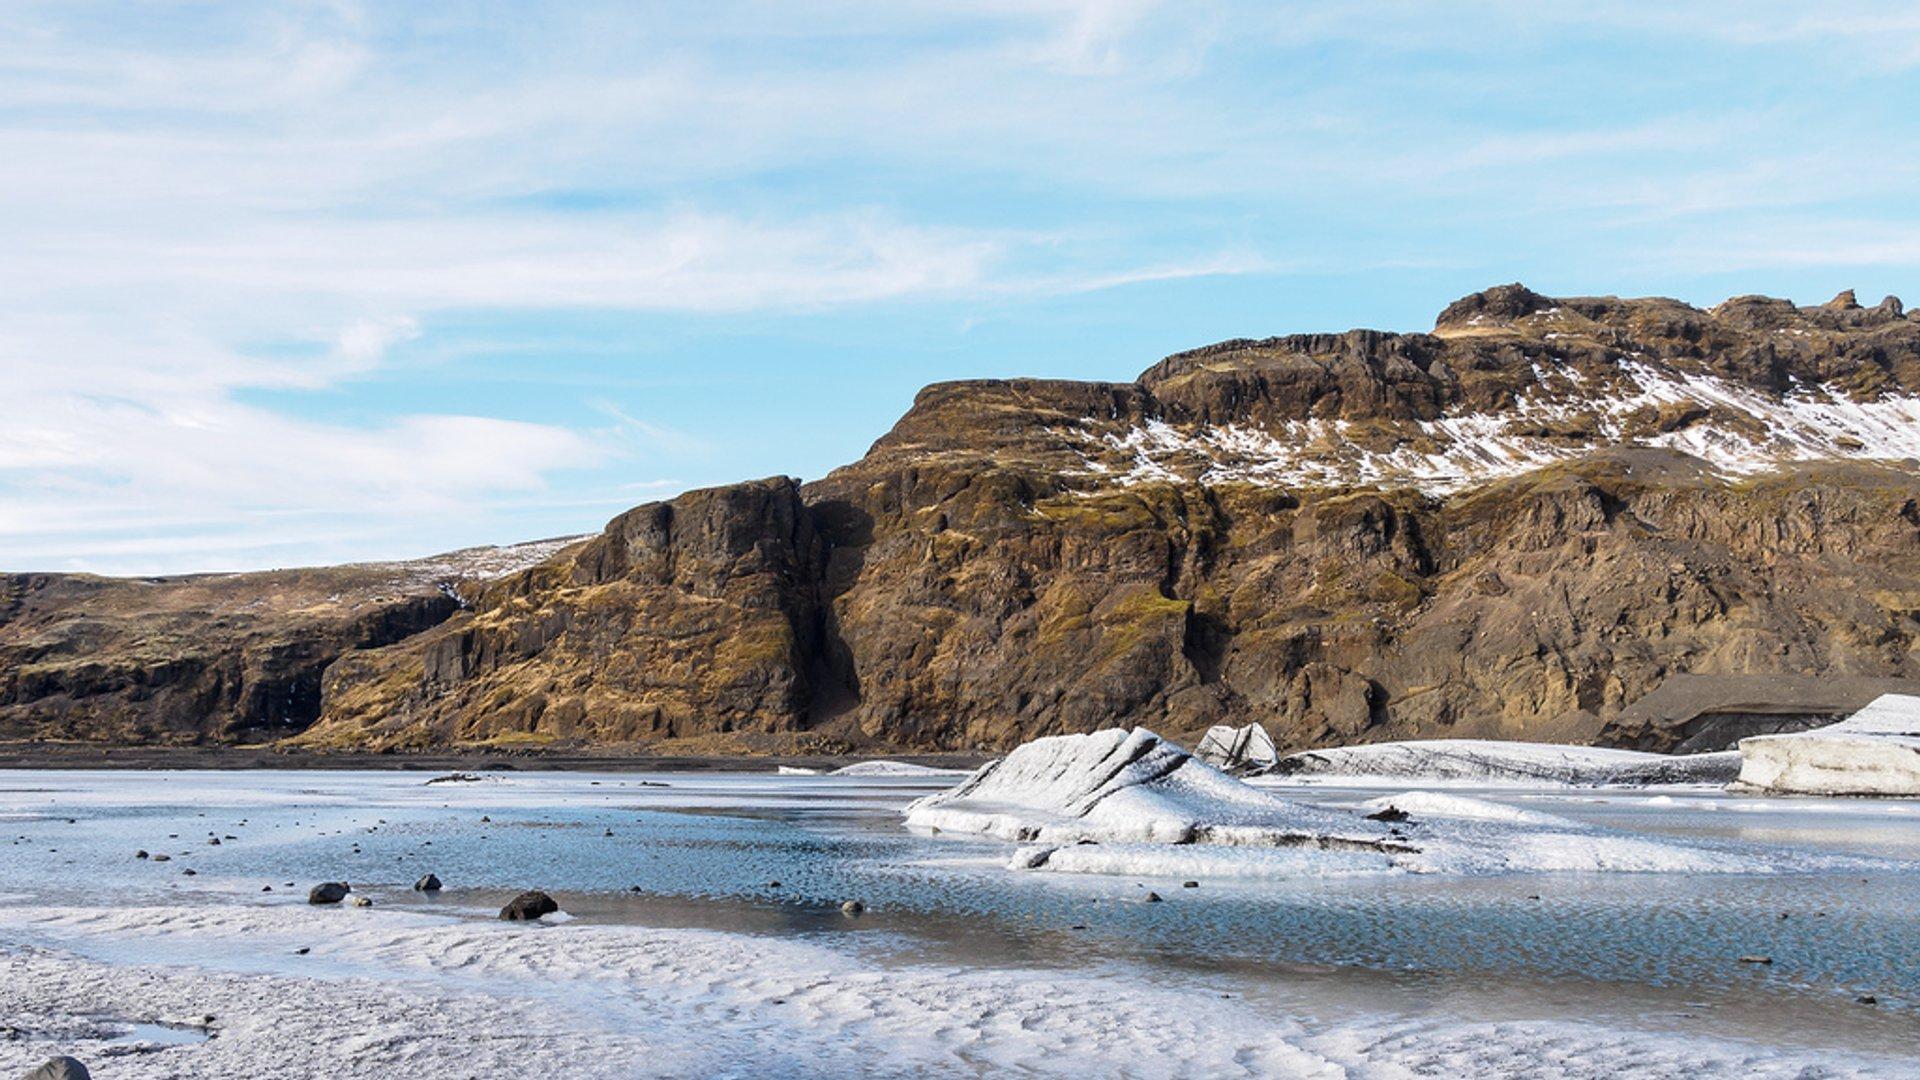 Sólheimajökull Glacier 2019